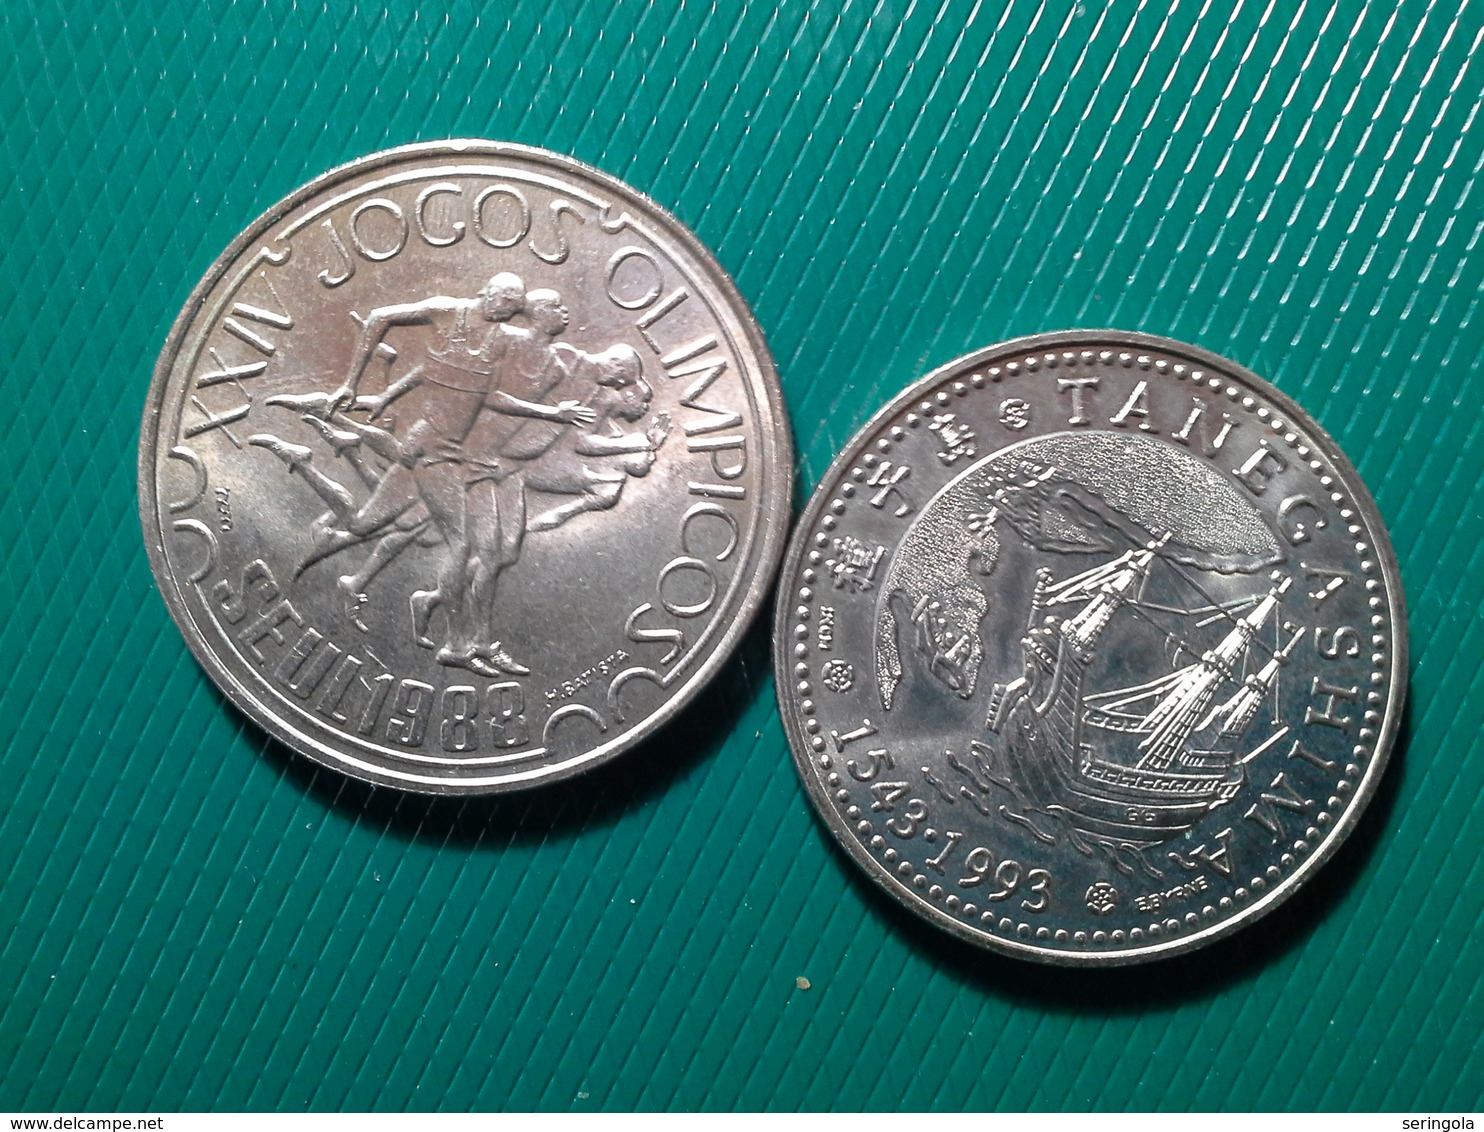 2 Moedas 200 Escudos 1993, 250 Escudos 1988 - Portugal